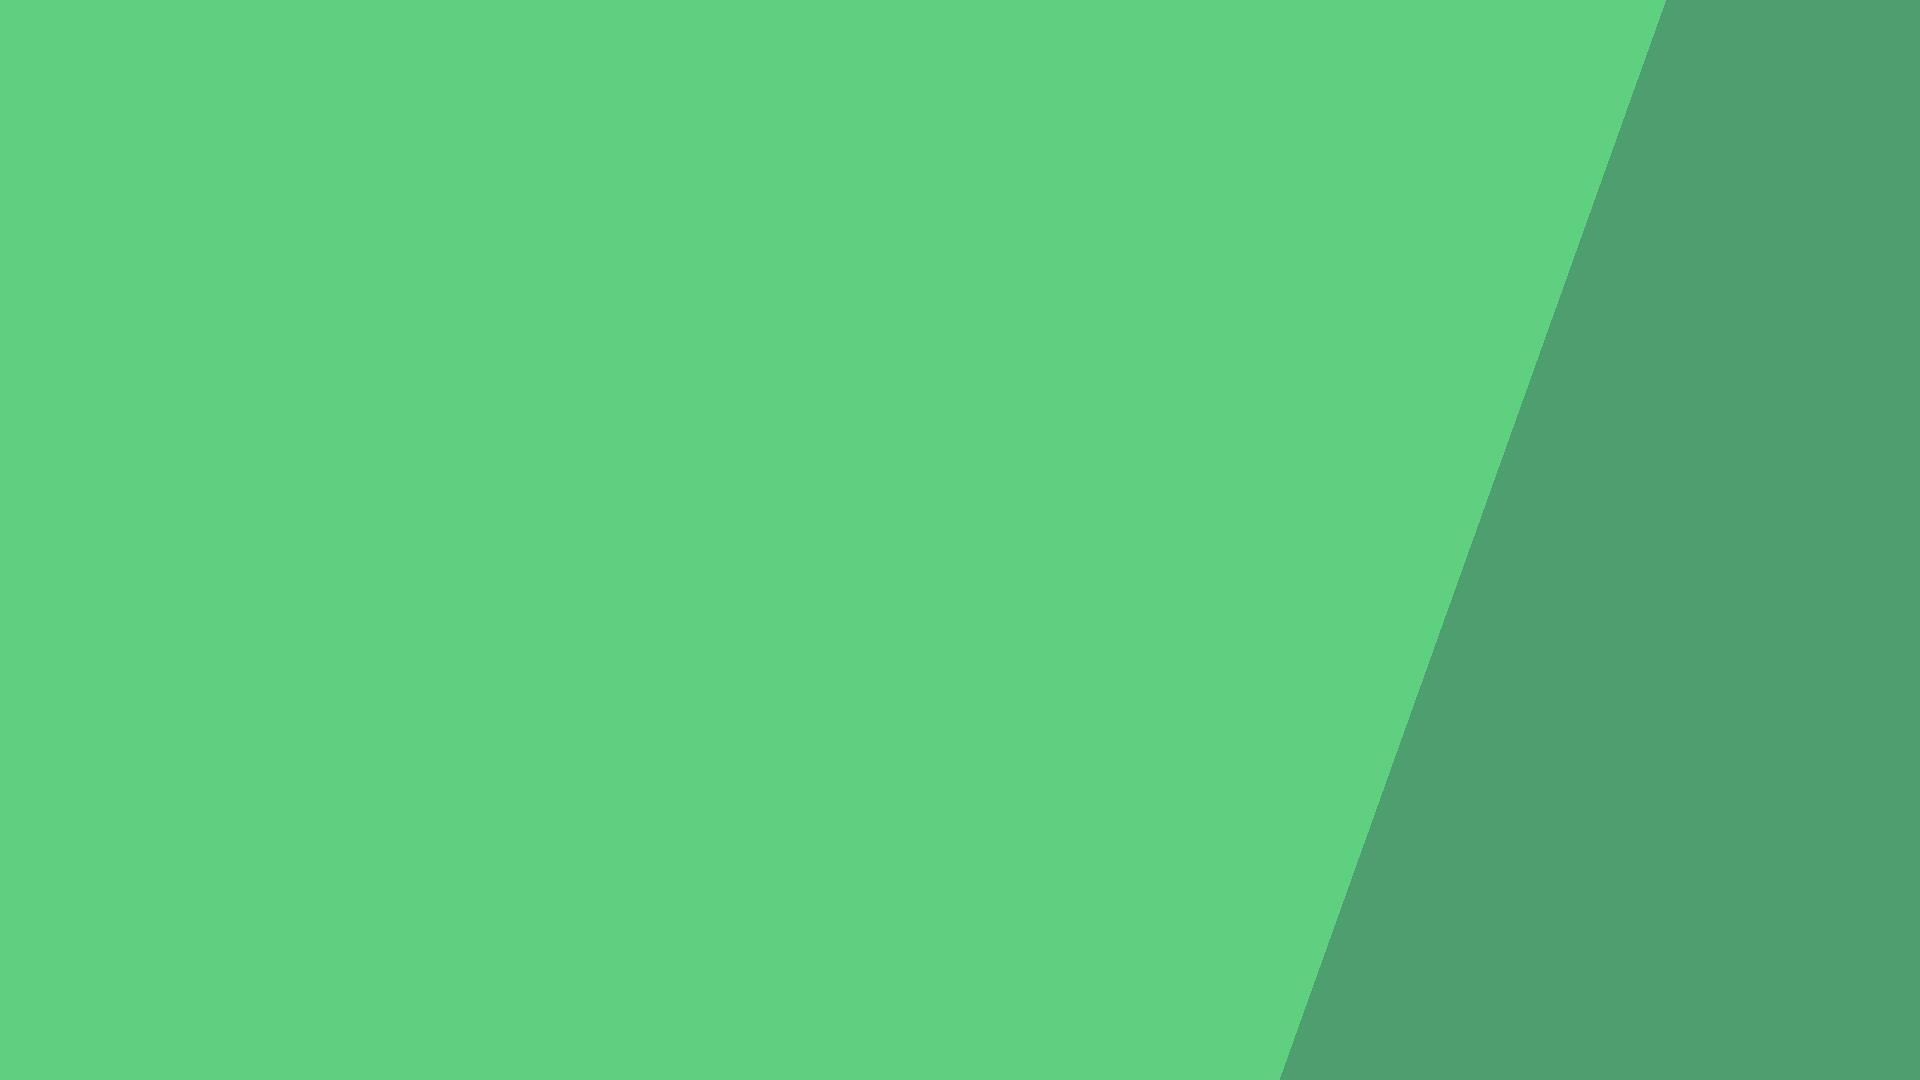 Green Gradient Gradient